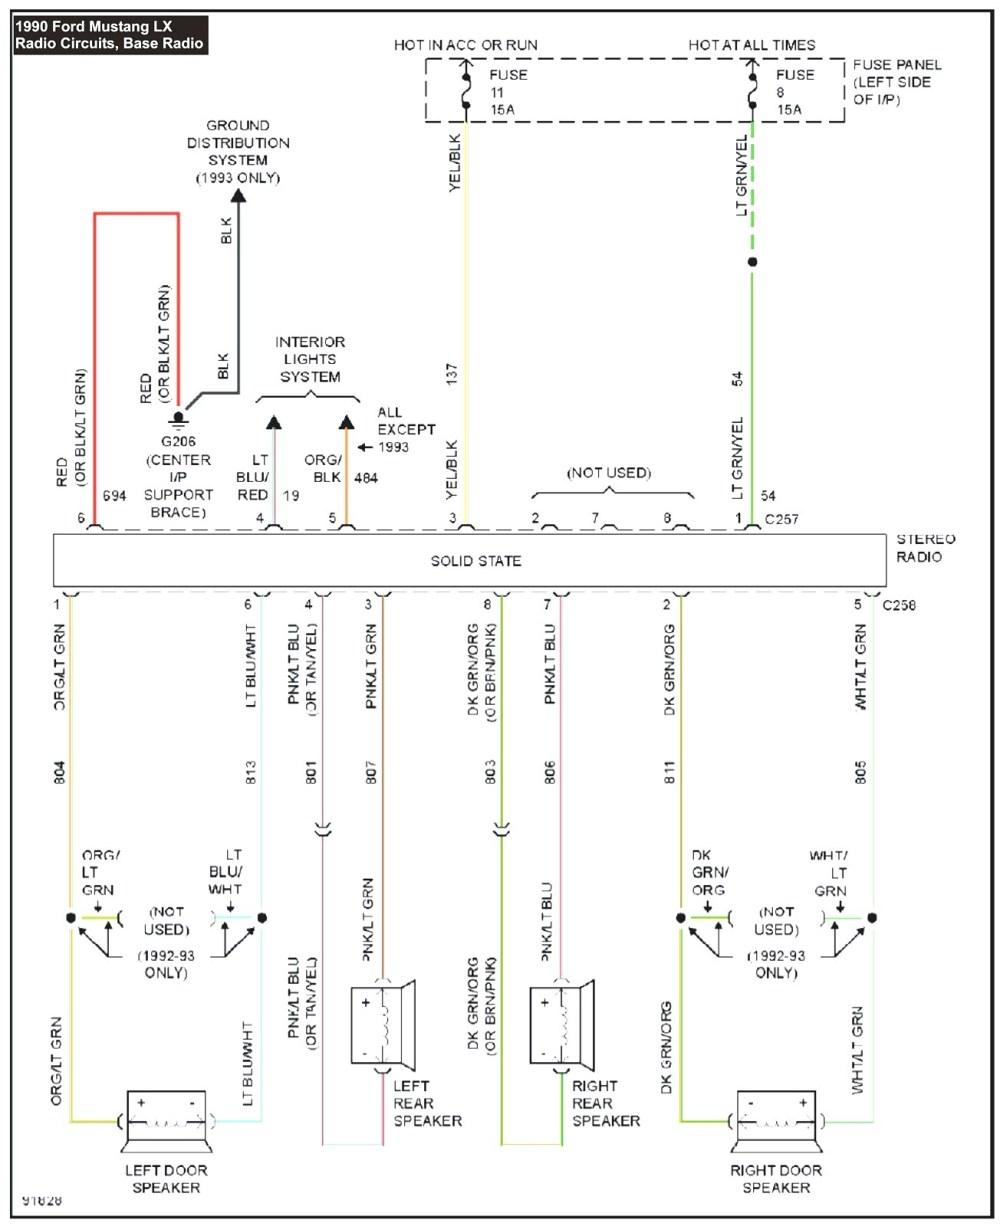 medium resolution of 1993 mustang wiring diagram pdf wiring diagram basic 1993 mustang wiring diagram pdf